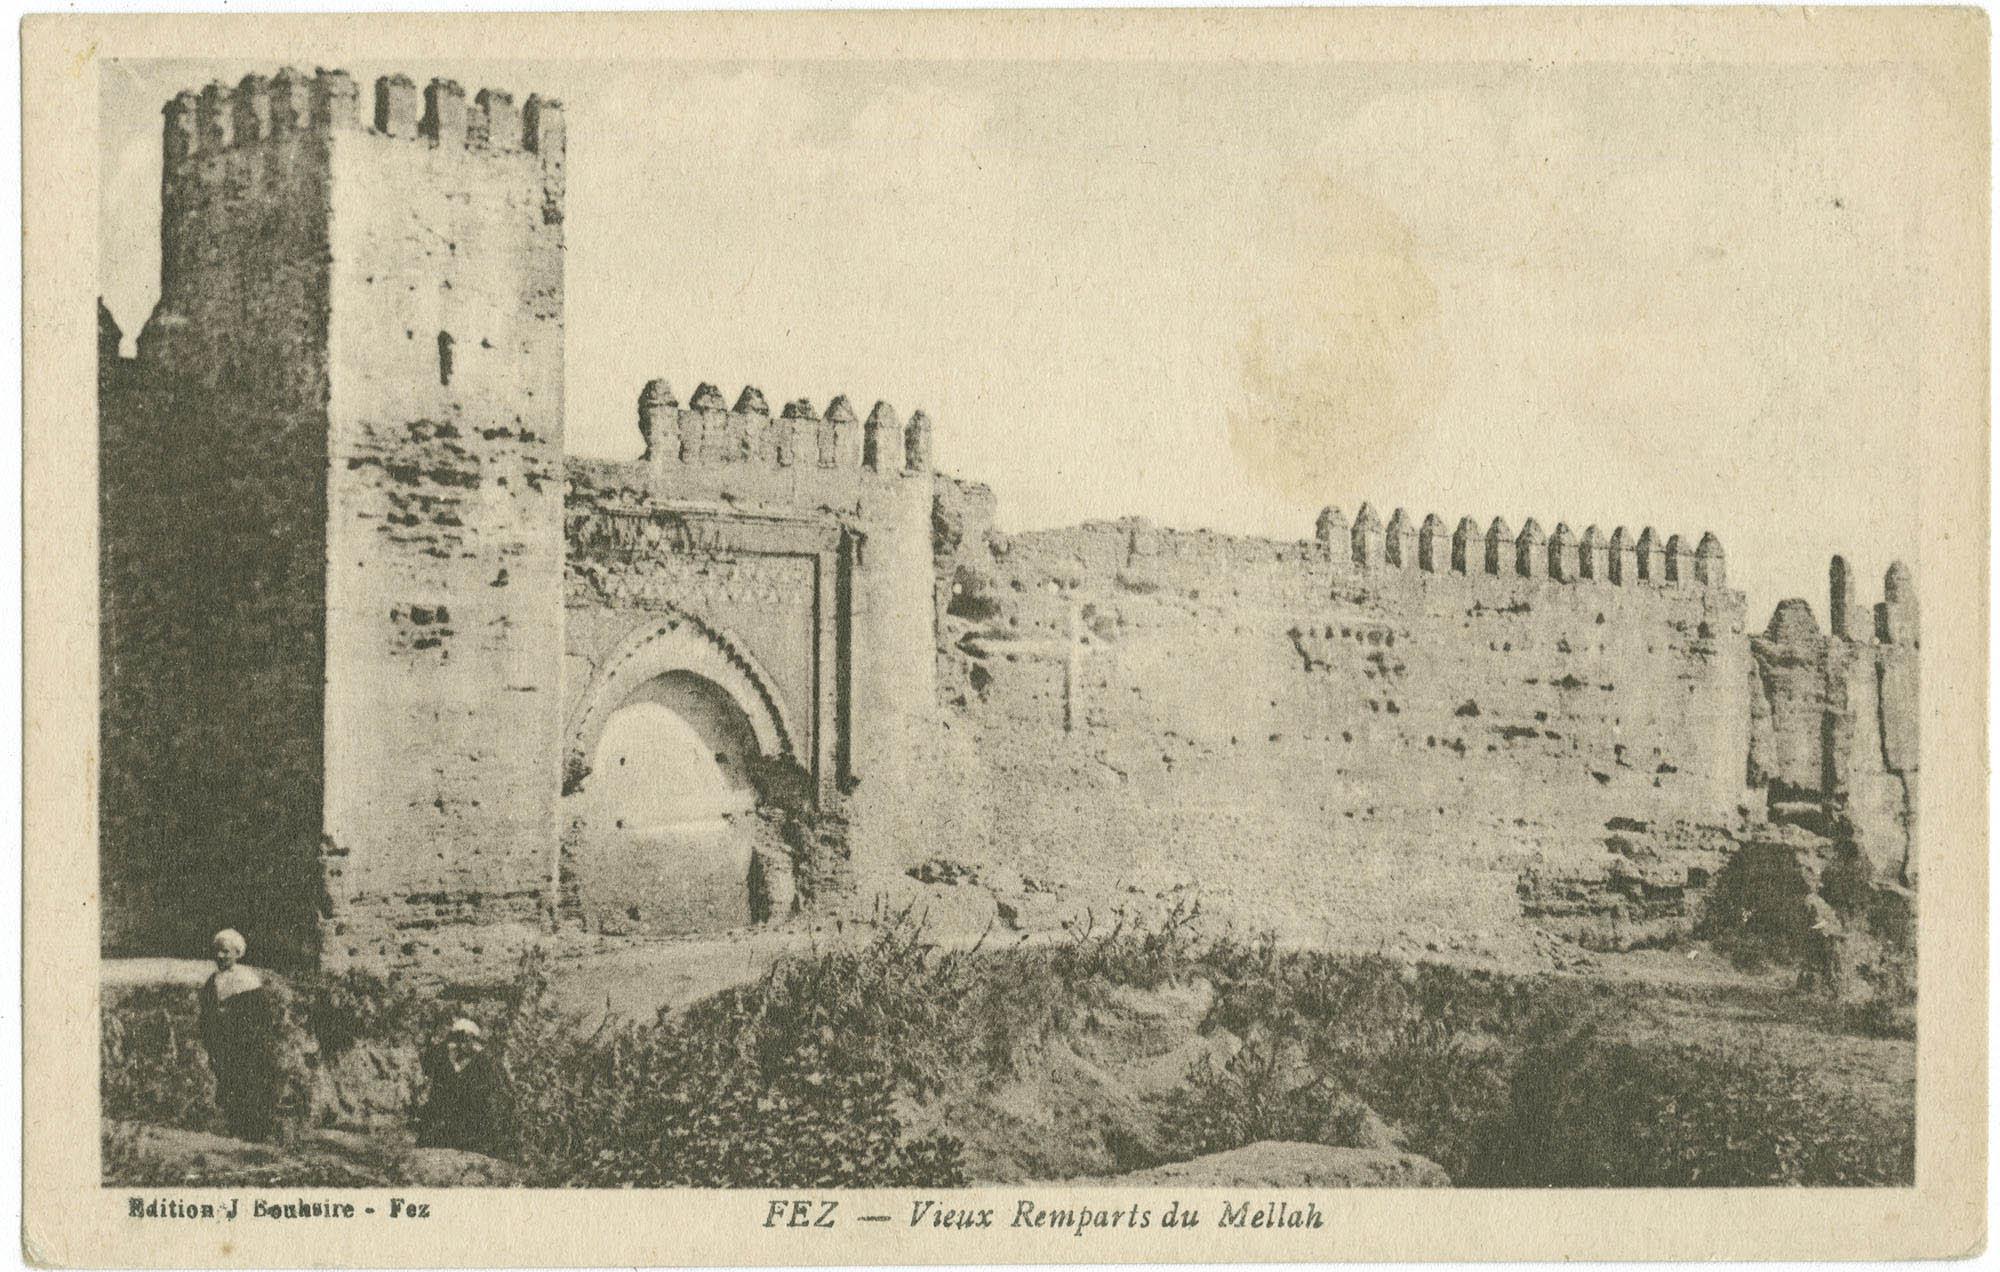 FEZ - Vieux Remparts du Mellah